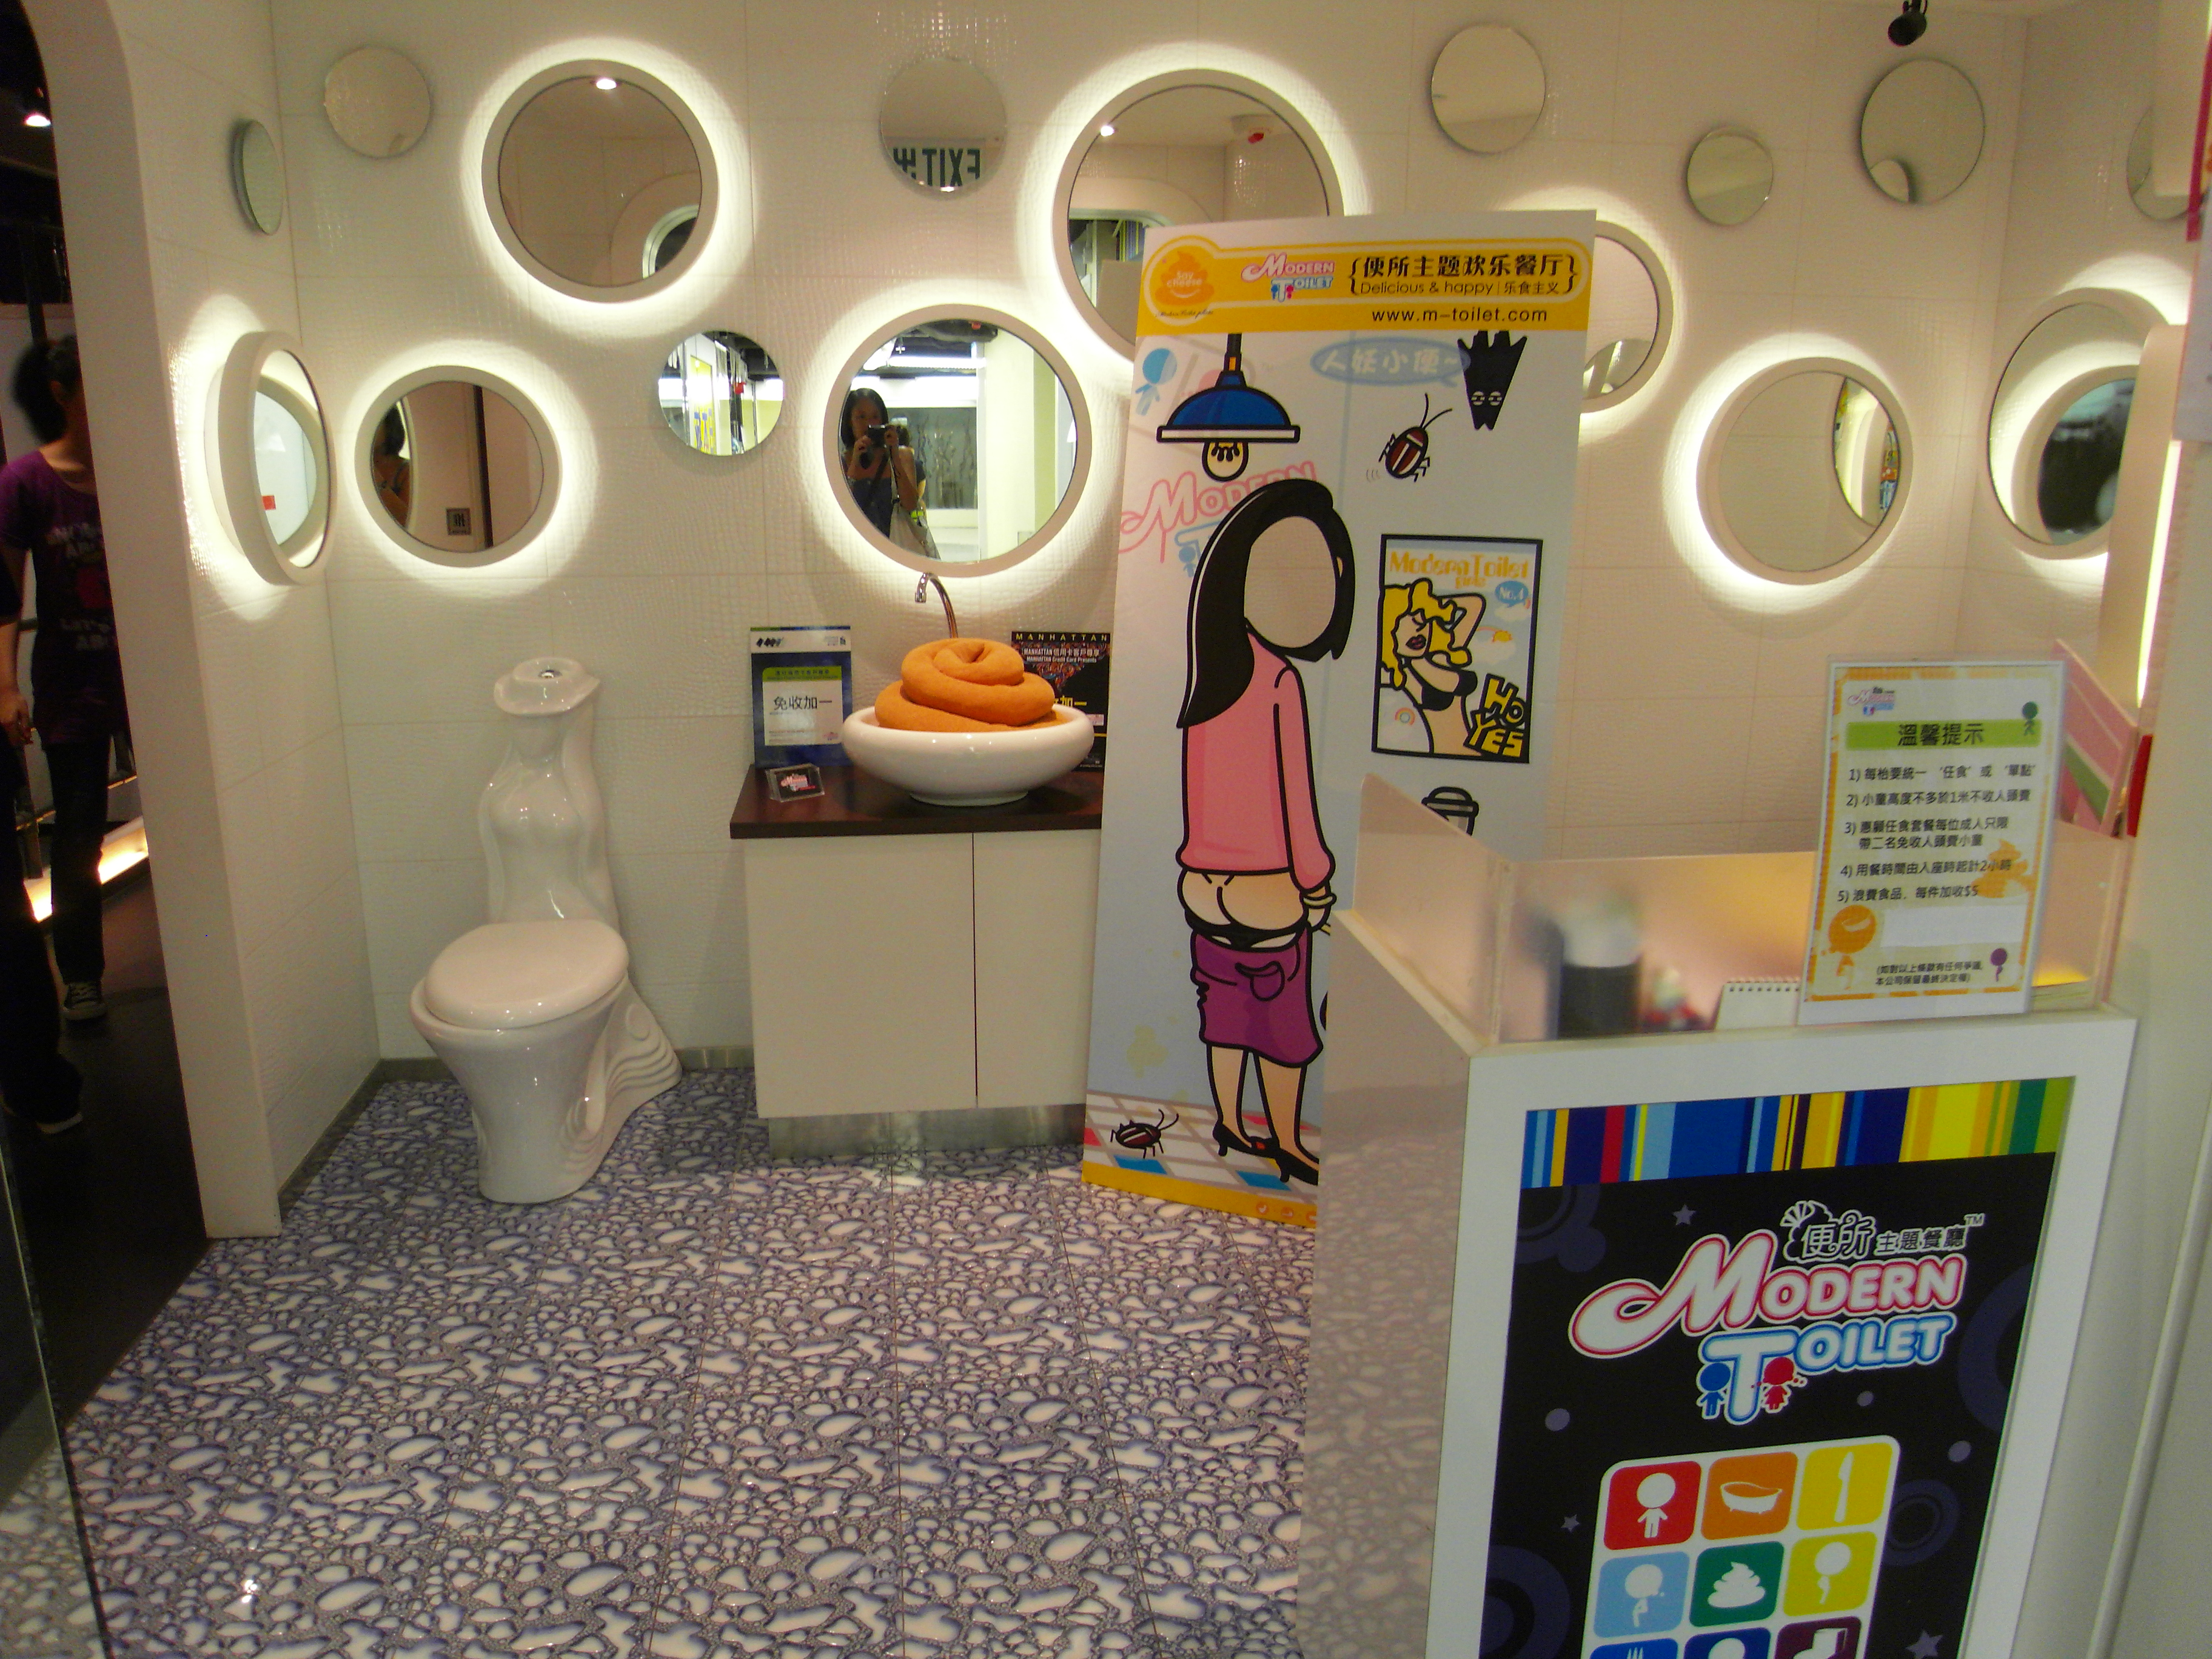 Algo un poco diferente - Extraño y maravilloso Modern Toilet Restaurant, Taiwán. (Tema restaurante cuarto de baño)